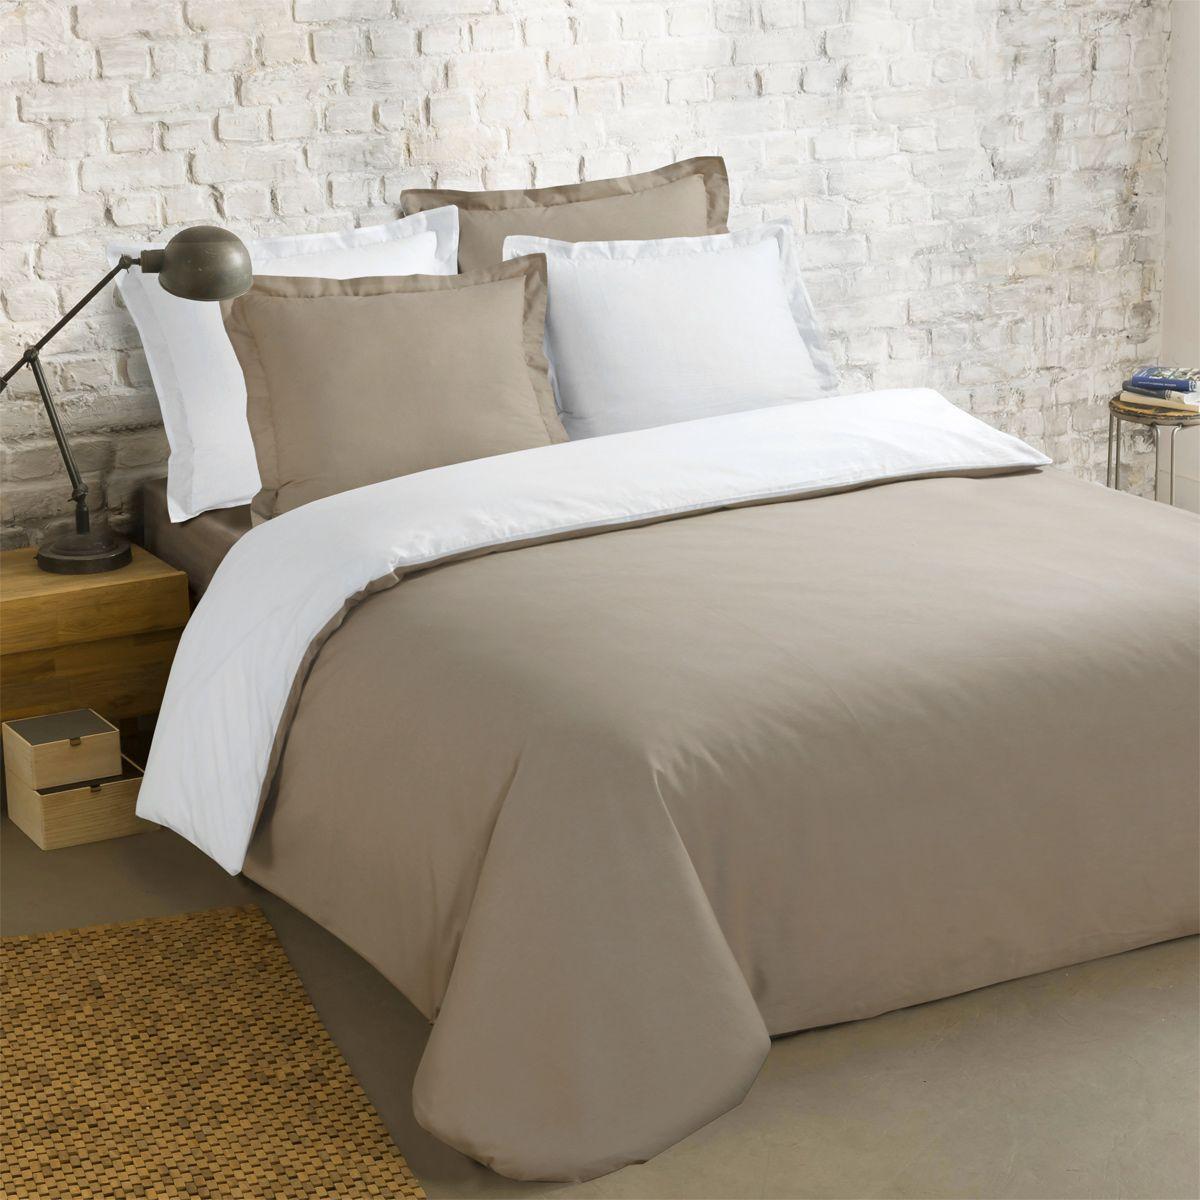 housse de couette et deux taies 200 cm bi color taupe et. Black Bedroom Furniture Sets. Home Design Ideas